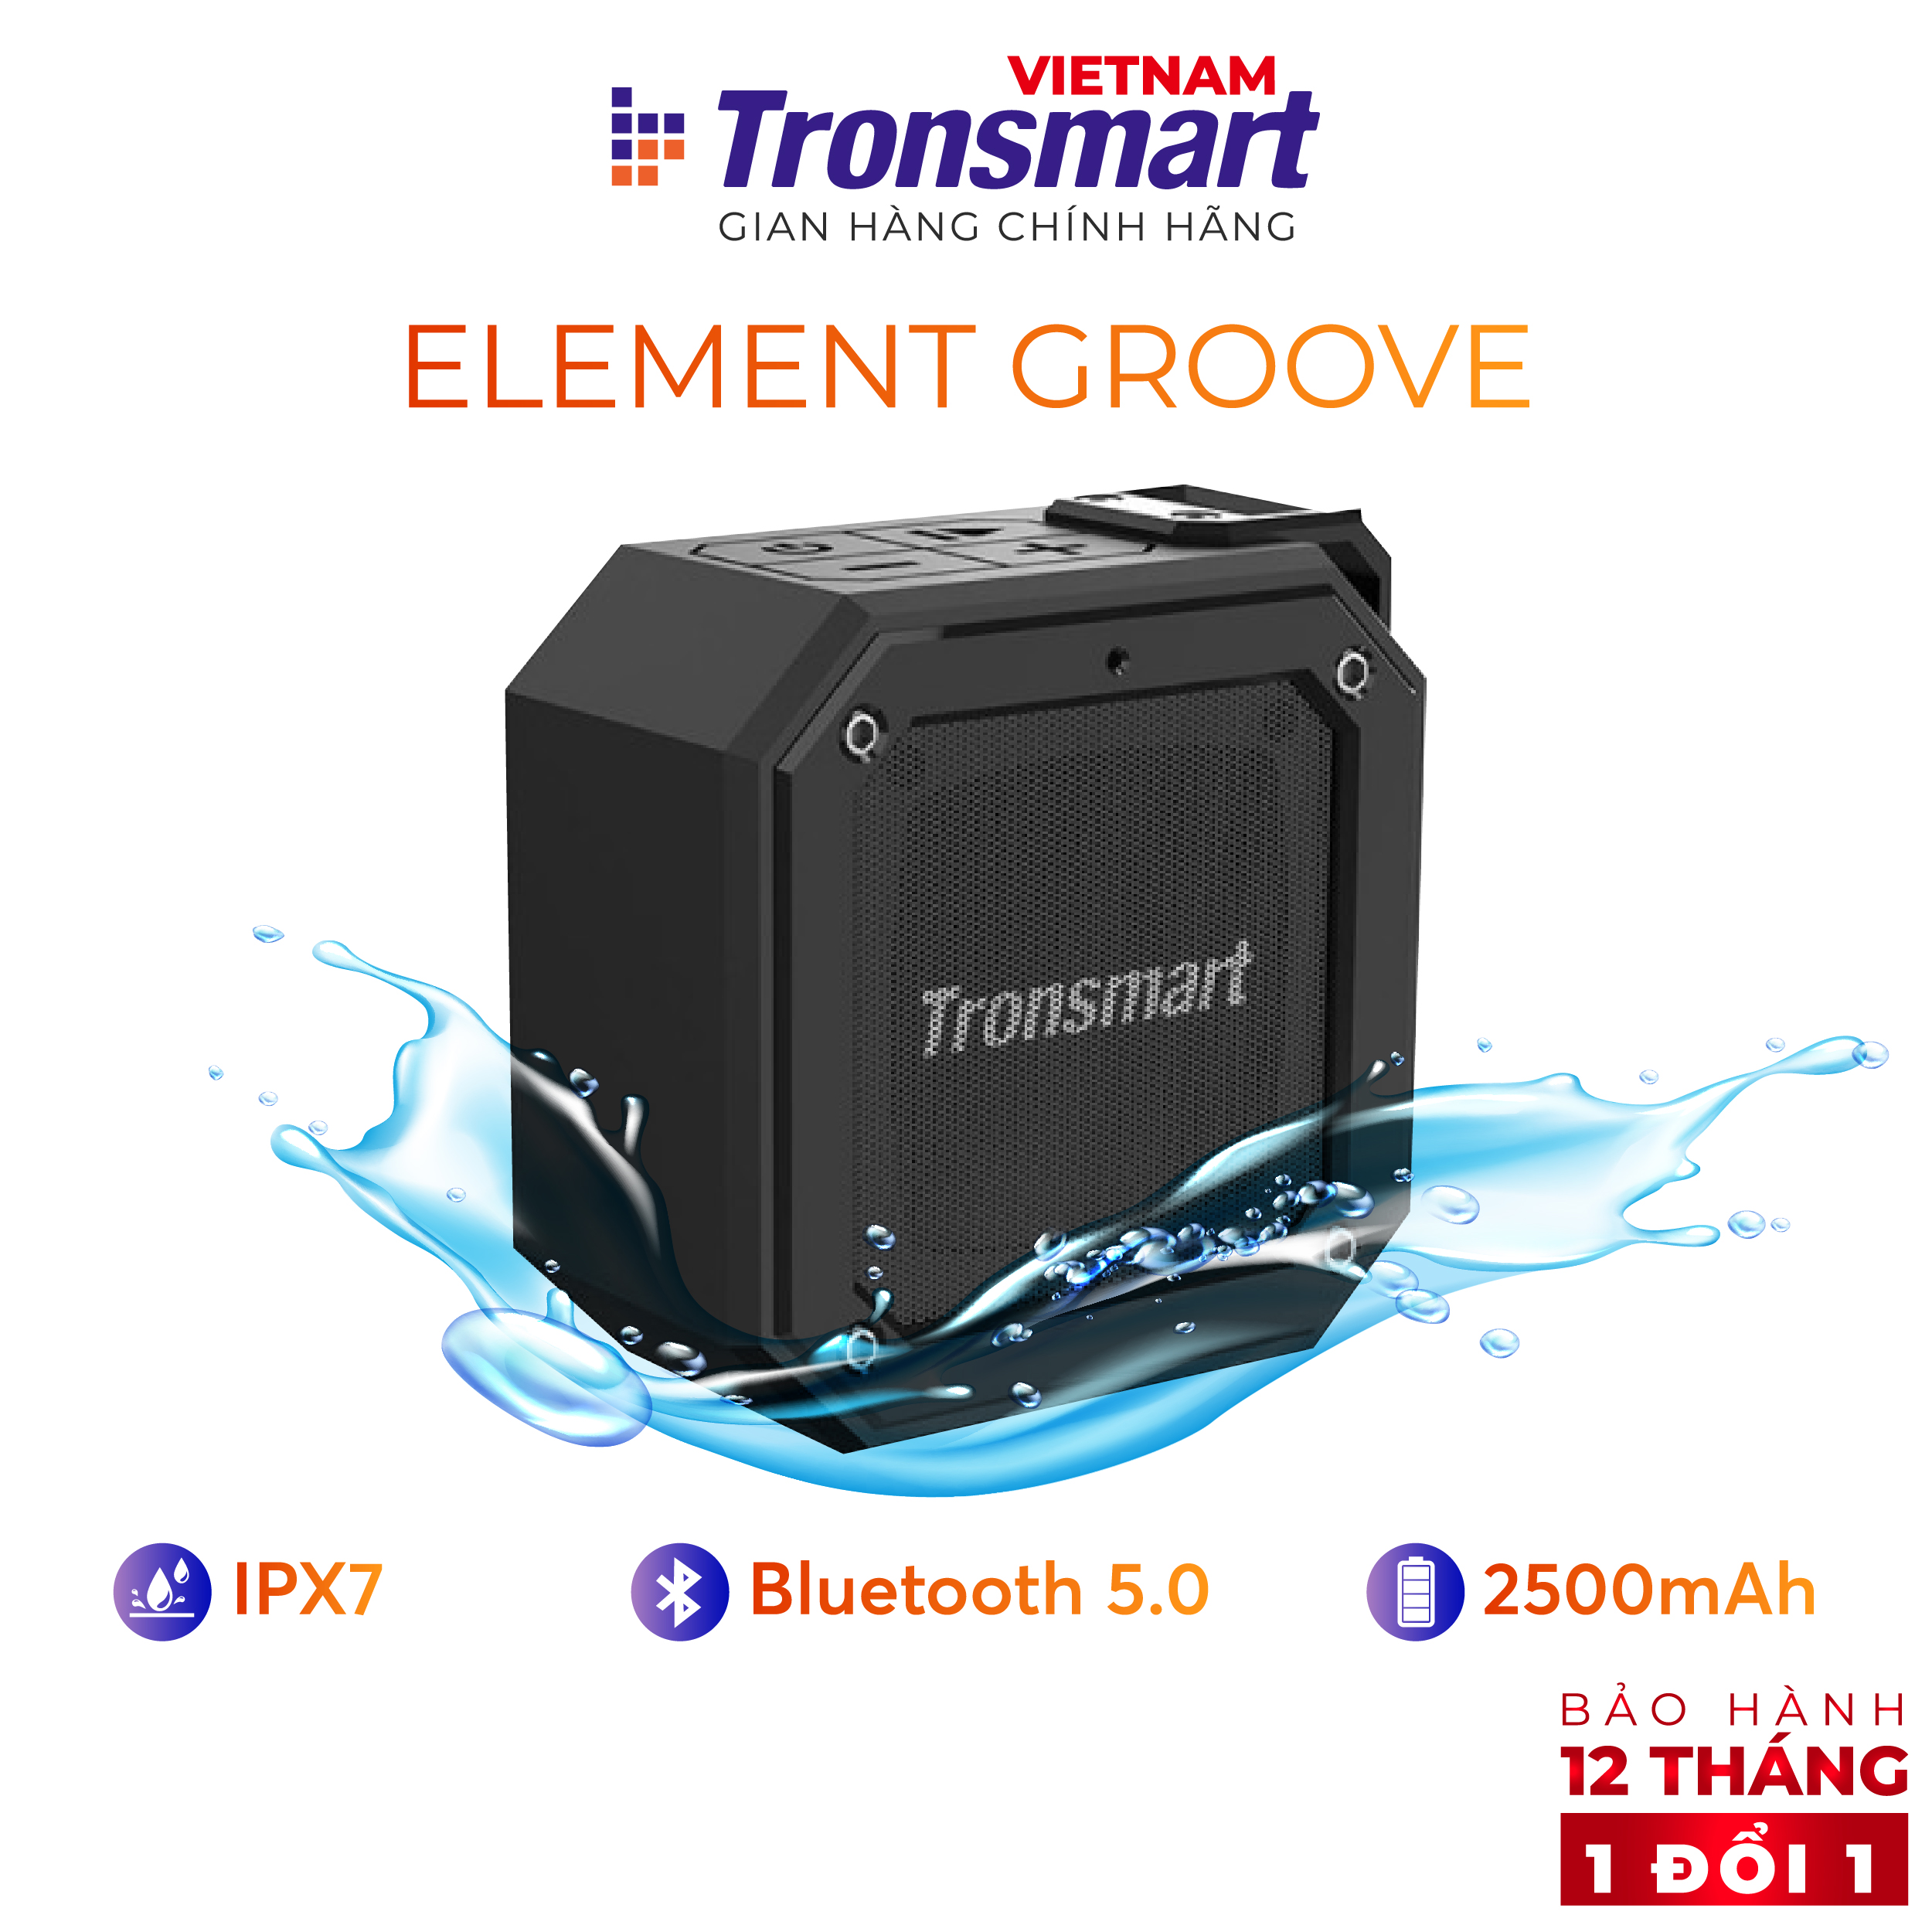 [VOUCHER 7% tối đa 500K] Loa Bluetooth Tronsmart Groove Speaker Chống nước IPX7 - Hàng chính hãng - Bảo hành 12 tháng 1 đổi 1